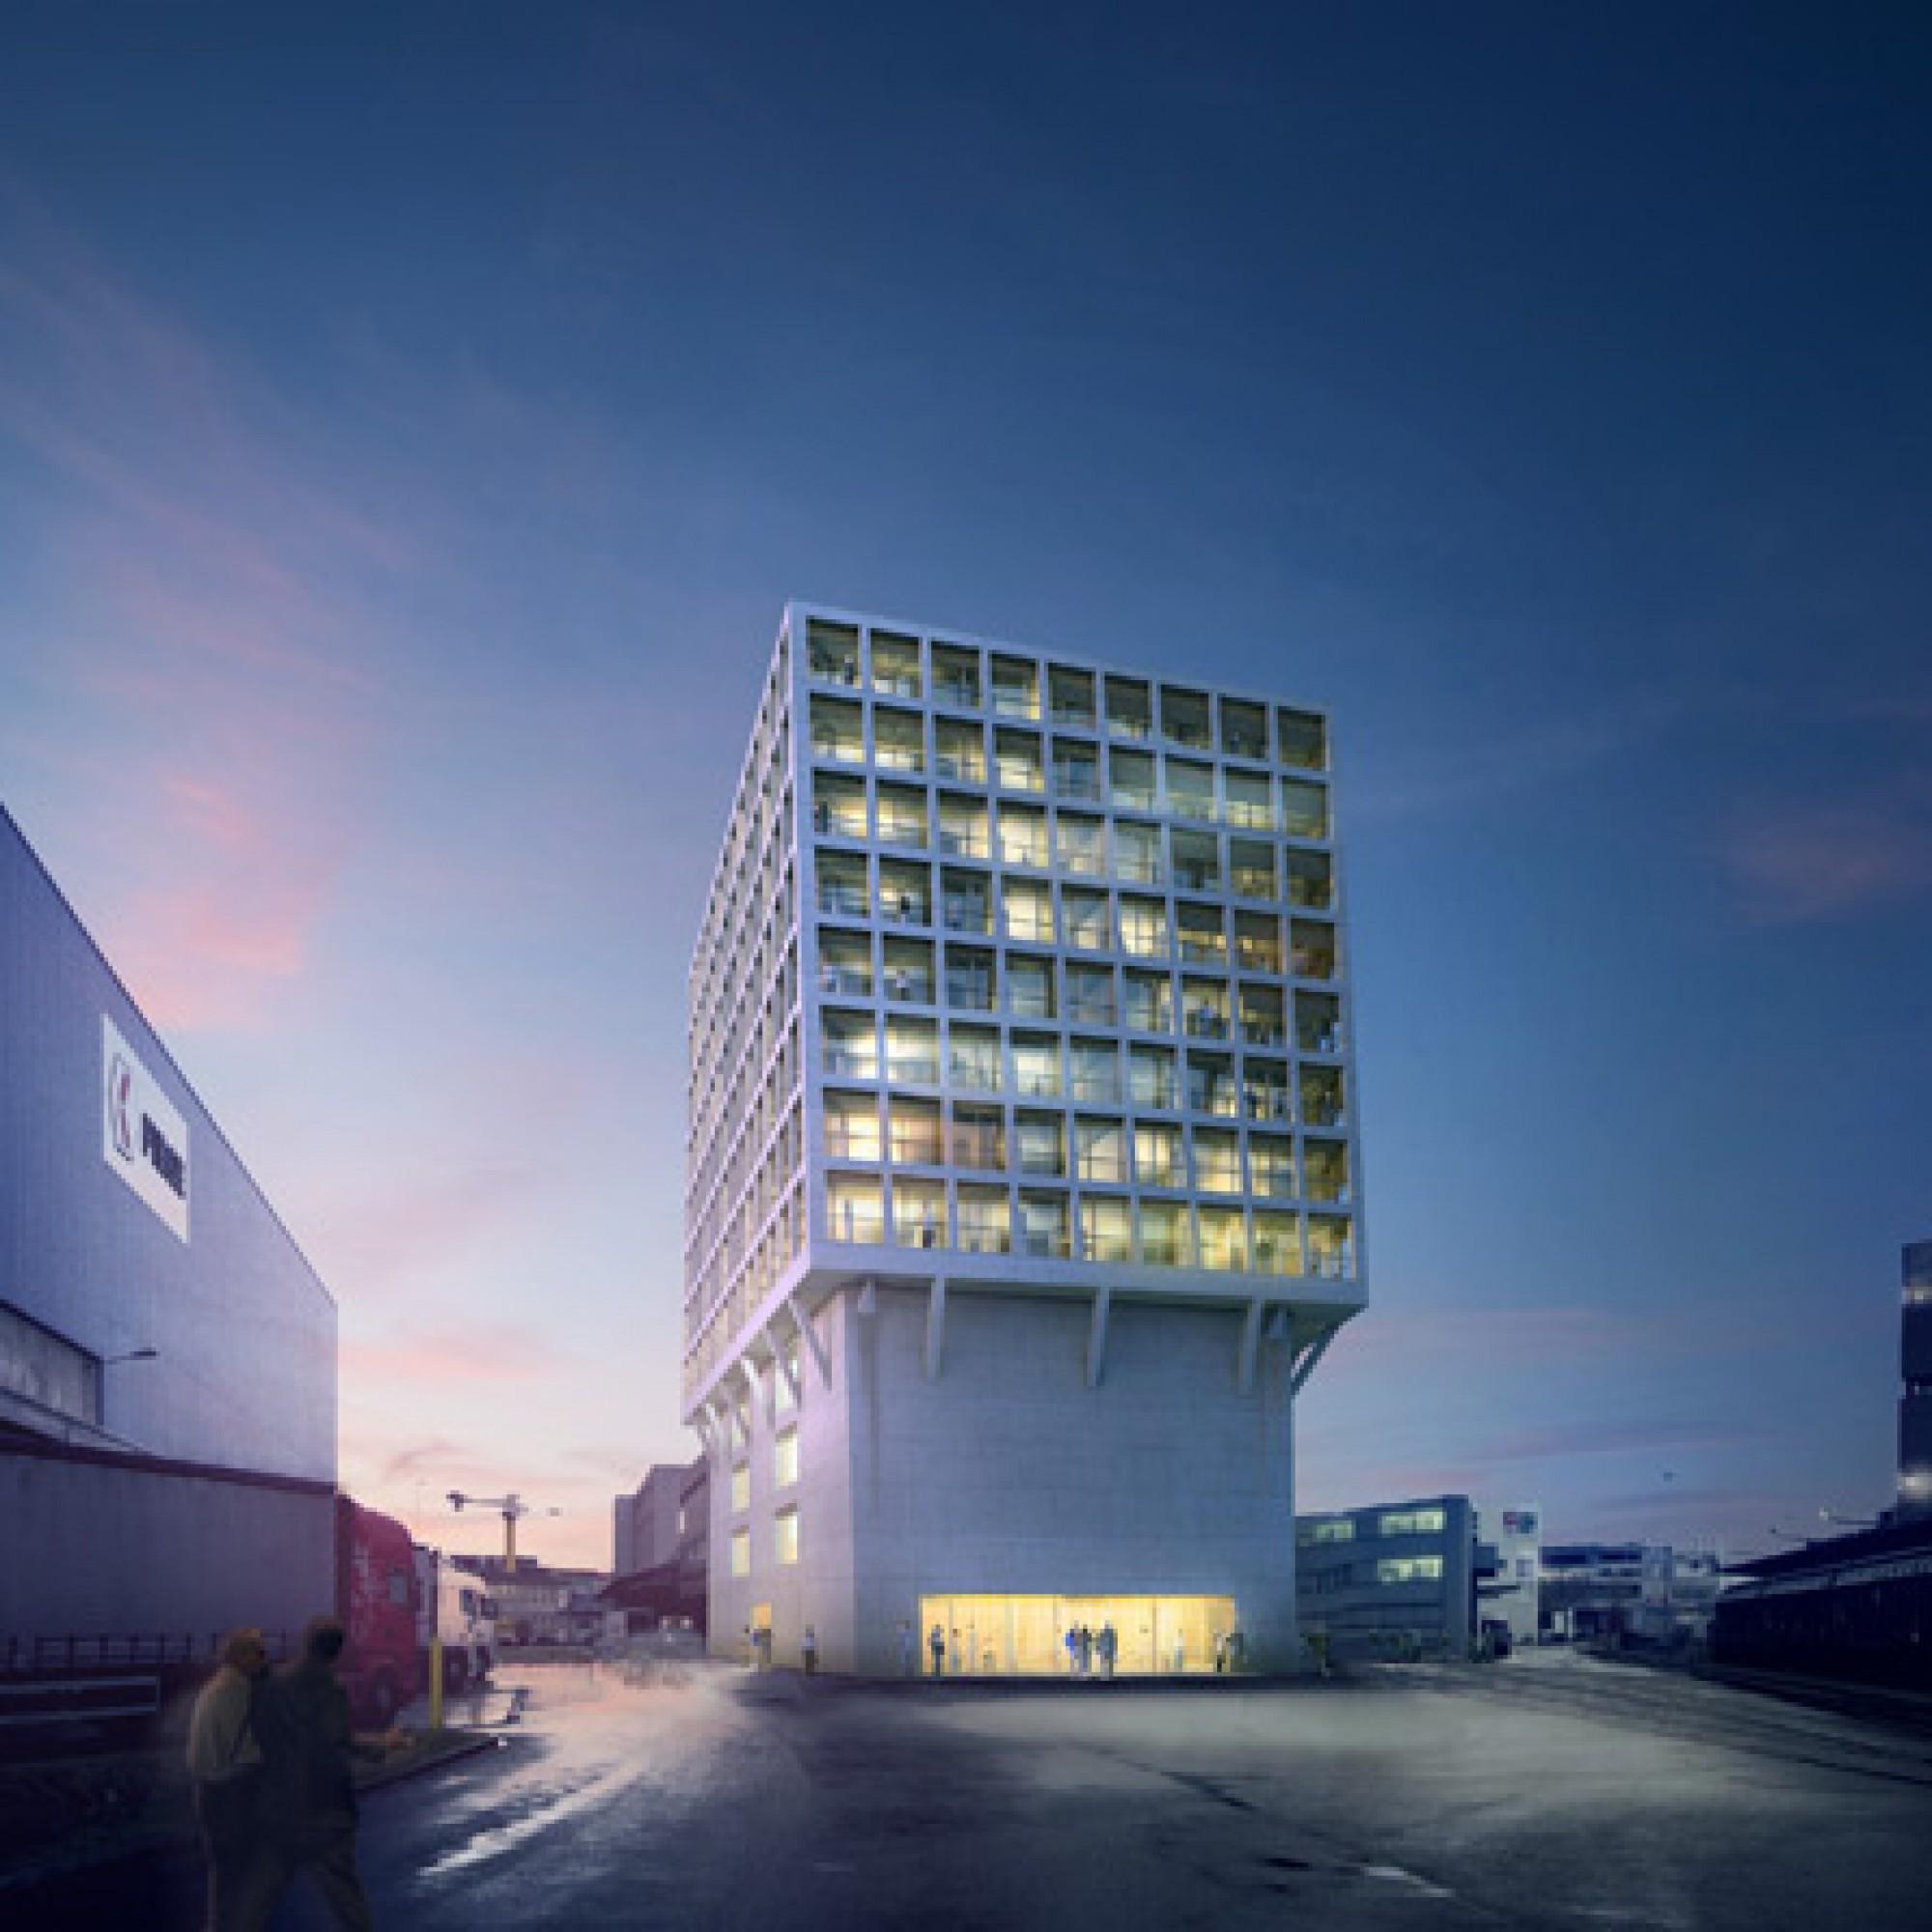 Ähnlichkeiten zwischen dem Hamburger «Leuchtturmprojekt» und dem neuen Architektenarchiv von Herzog & de Meuron auf dem Basler Dreispitz-Areal sind durchaus erkennbar, denn die Architekten setzen erneut auf das Konzept, ein zweites Gebäude auf ein recht ö